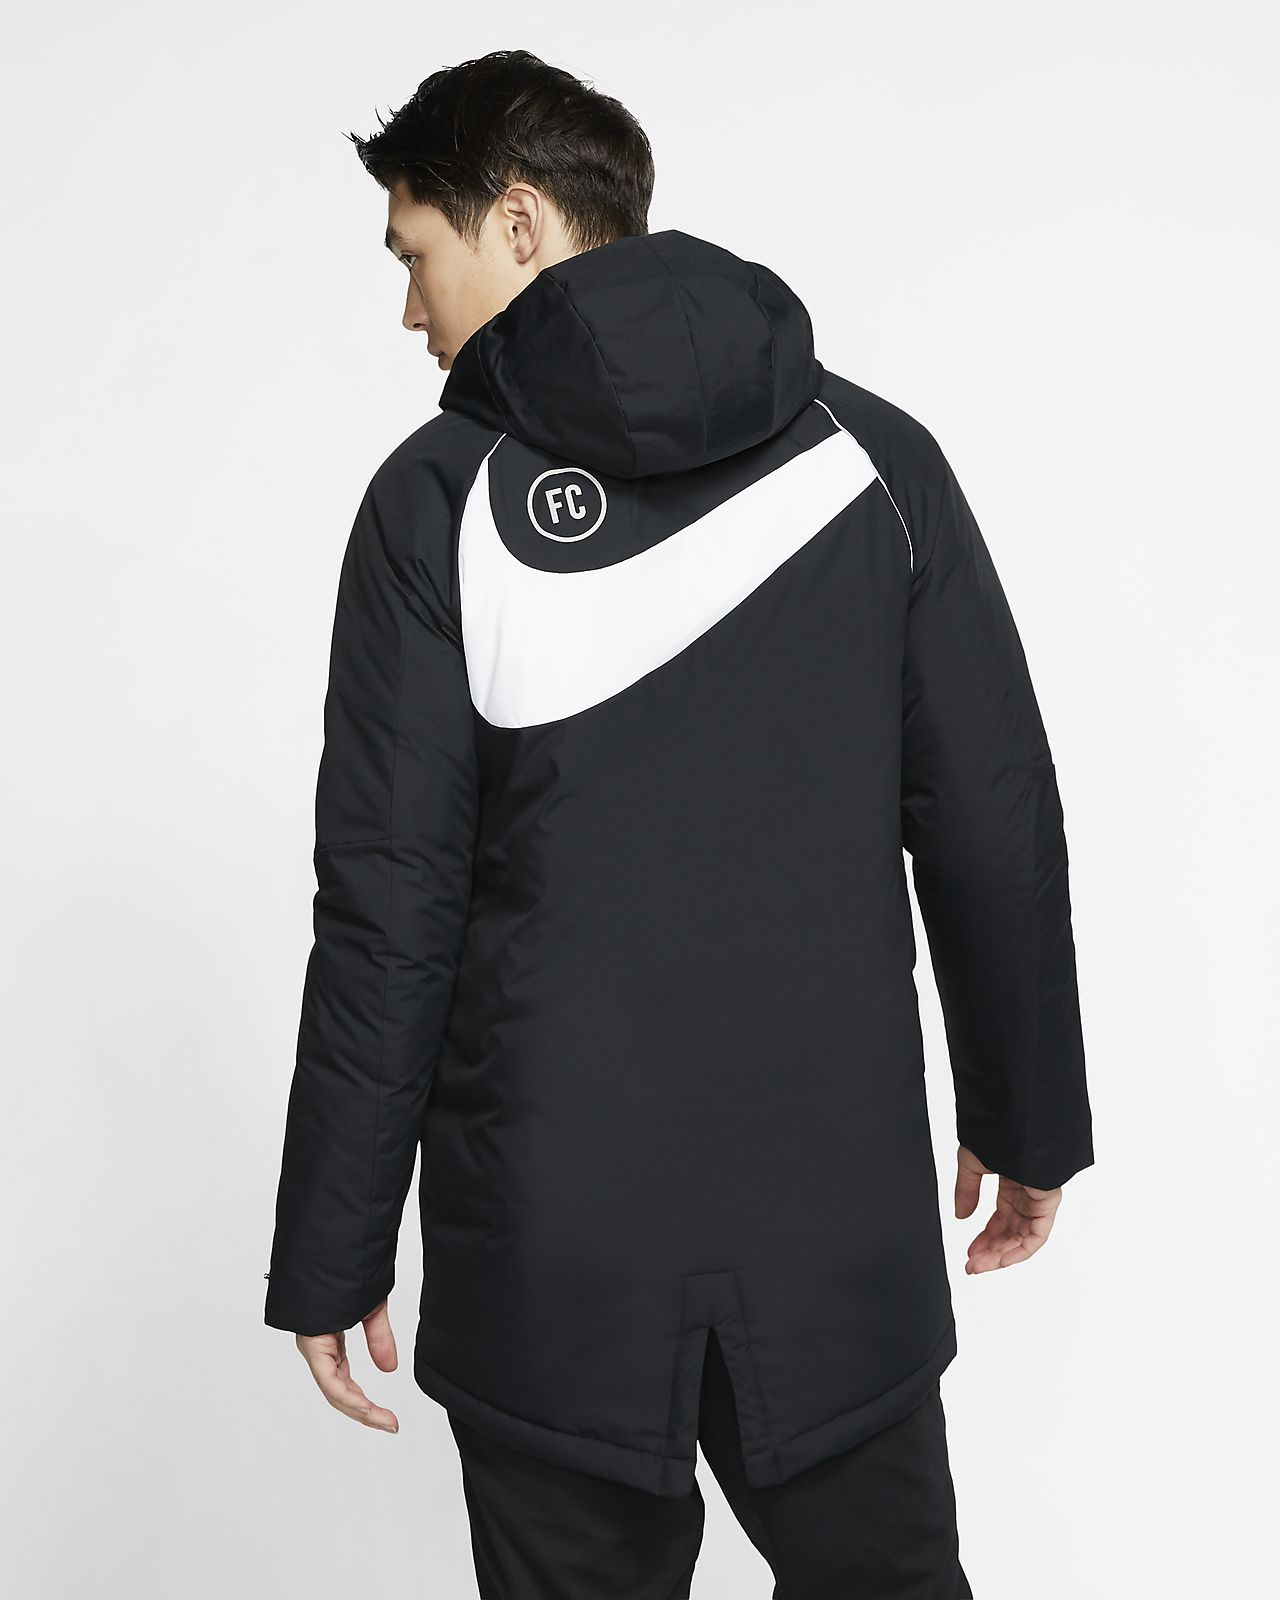 Casaco Nike F.C. Sideline para homem